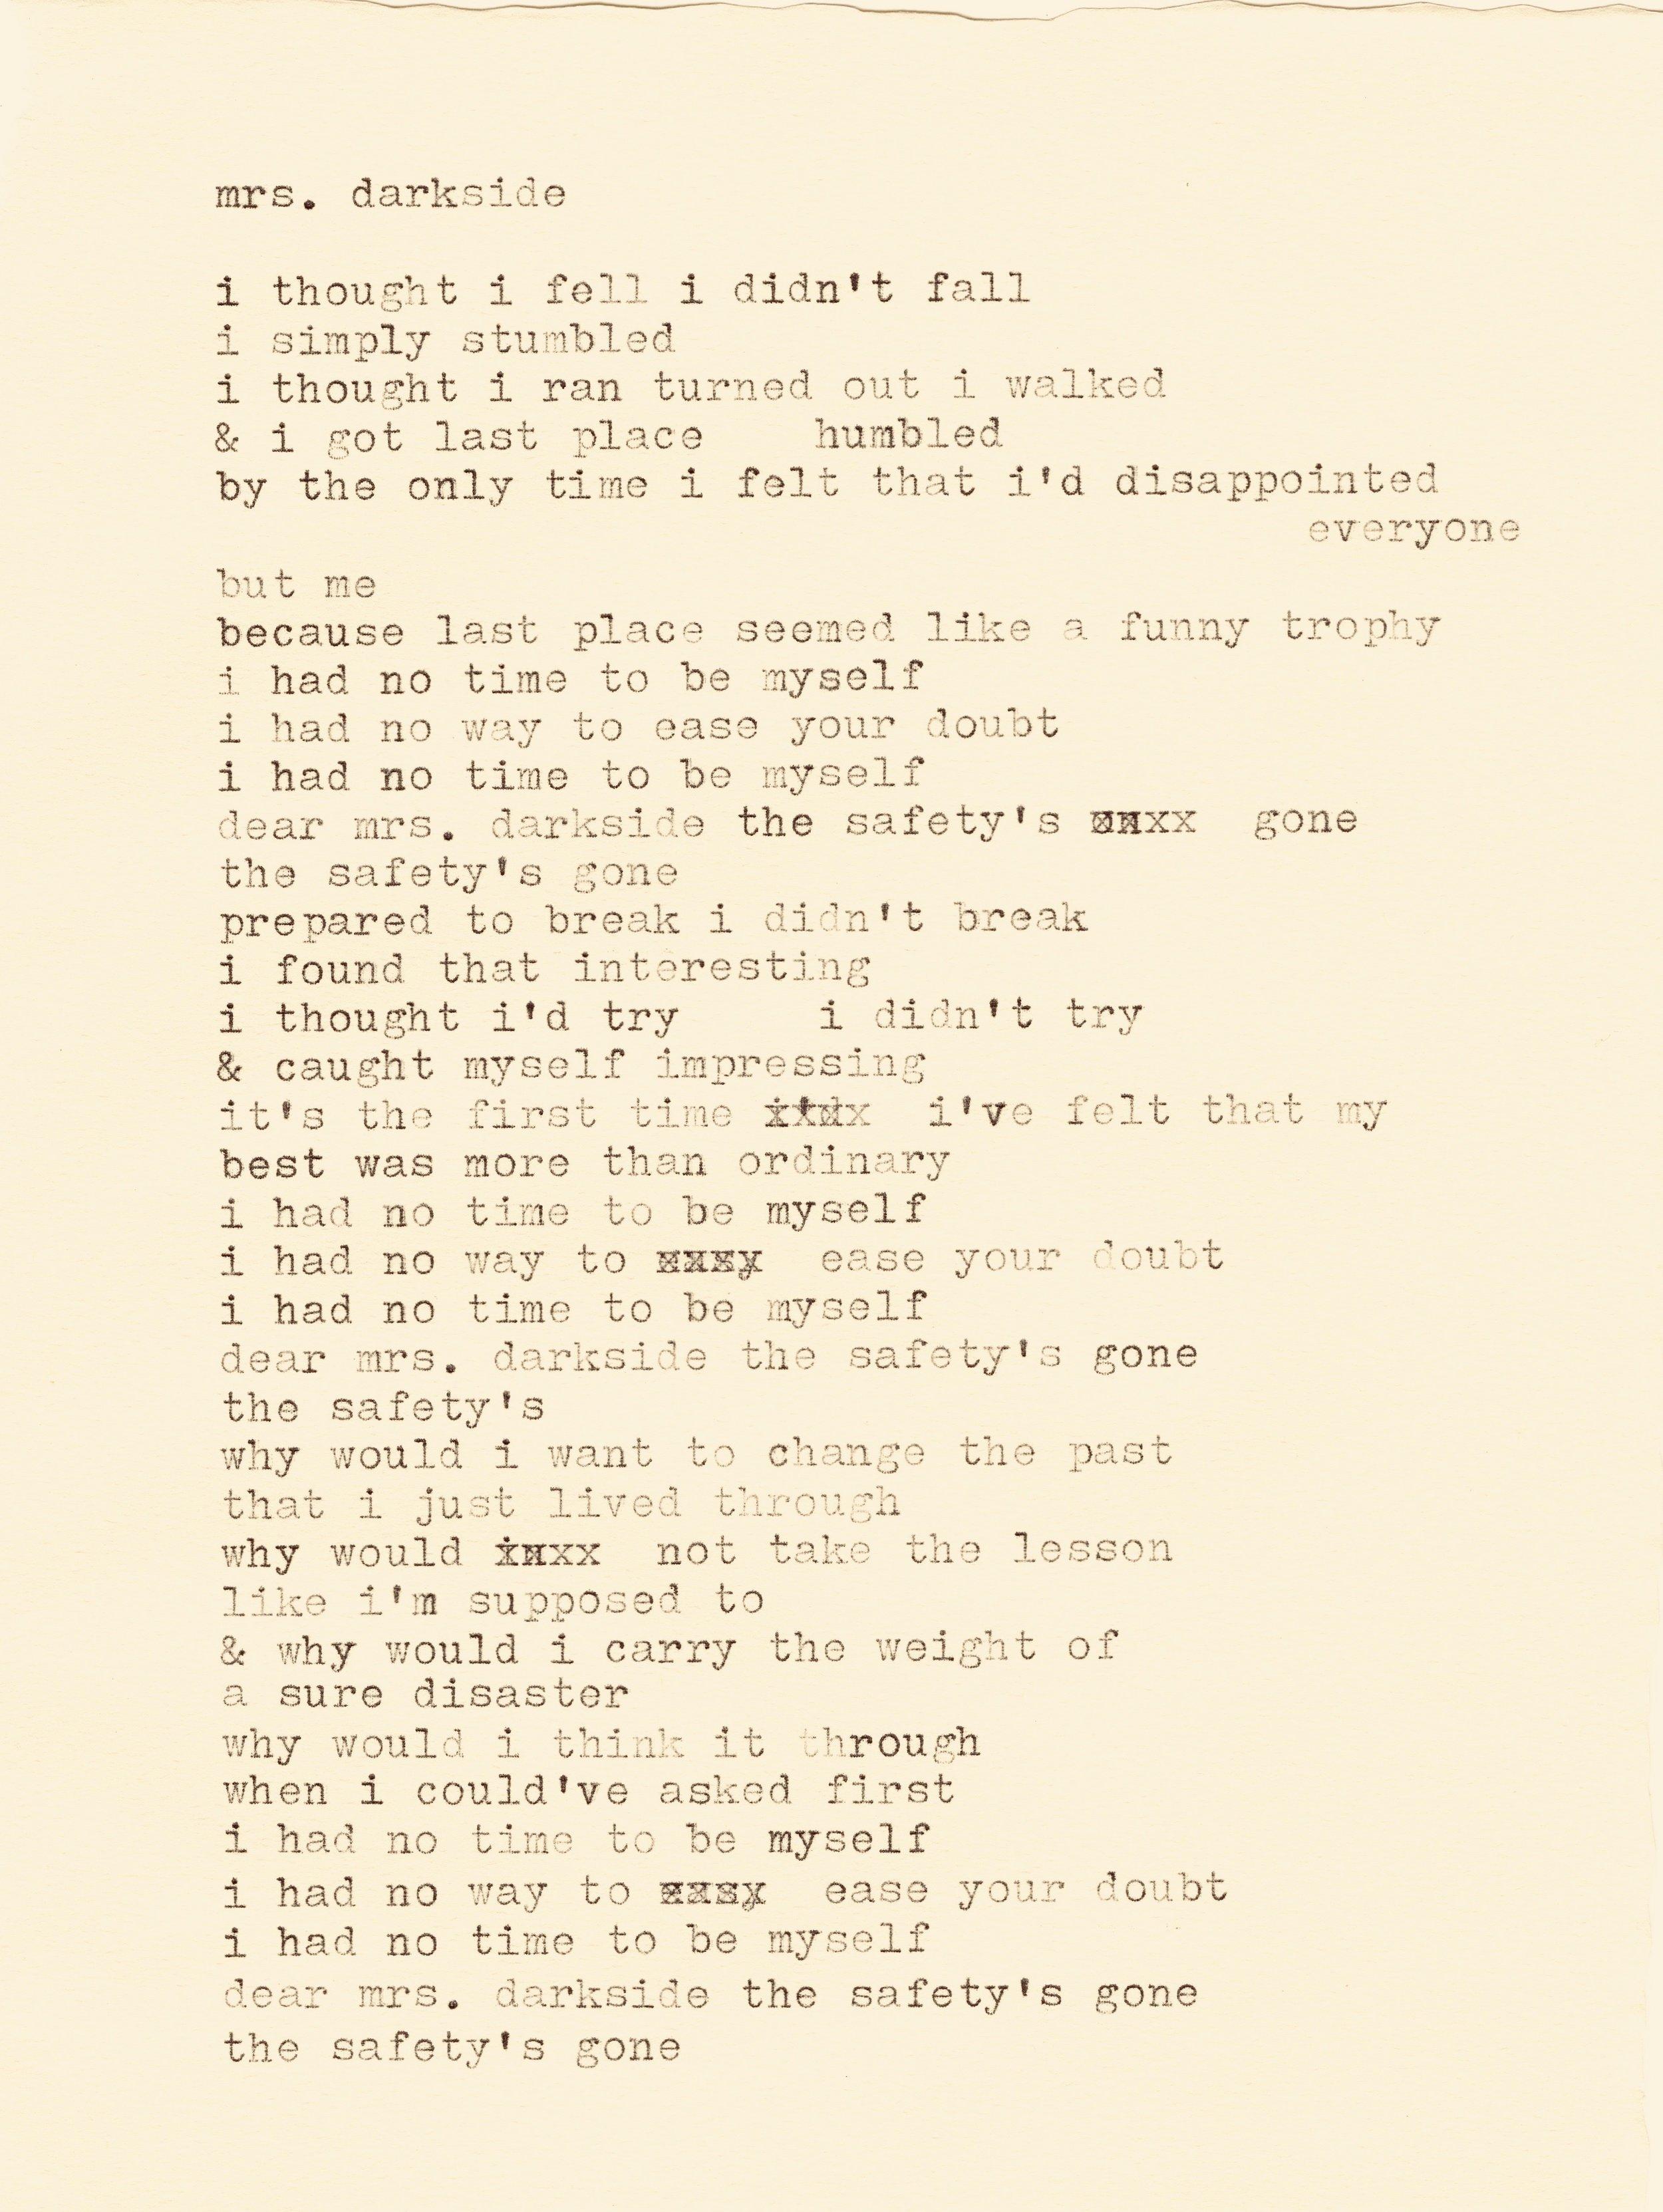 mrs. darkside lyrics typewriter.jpg